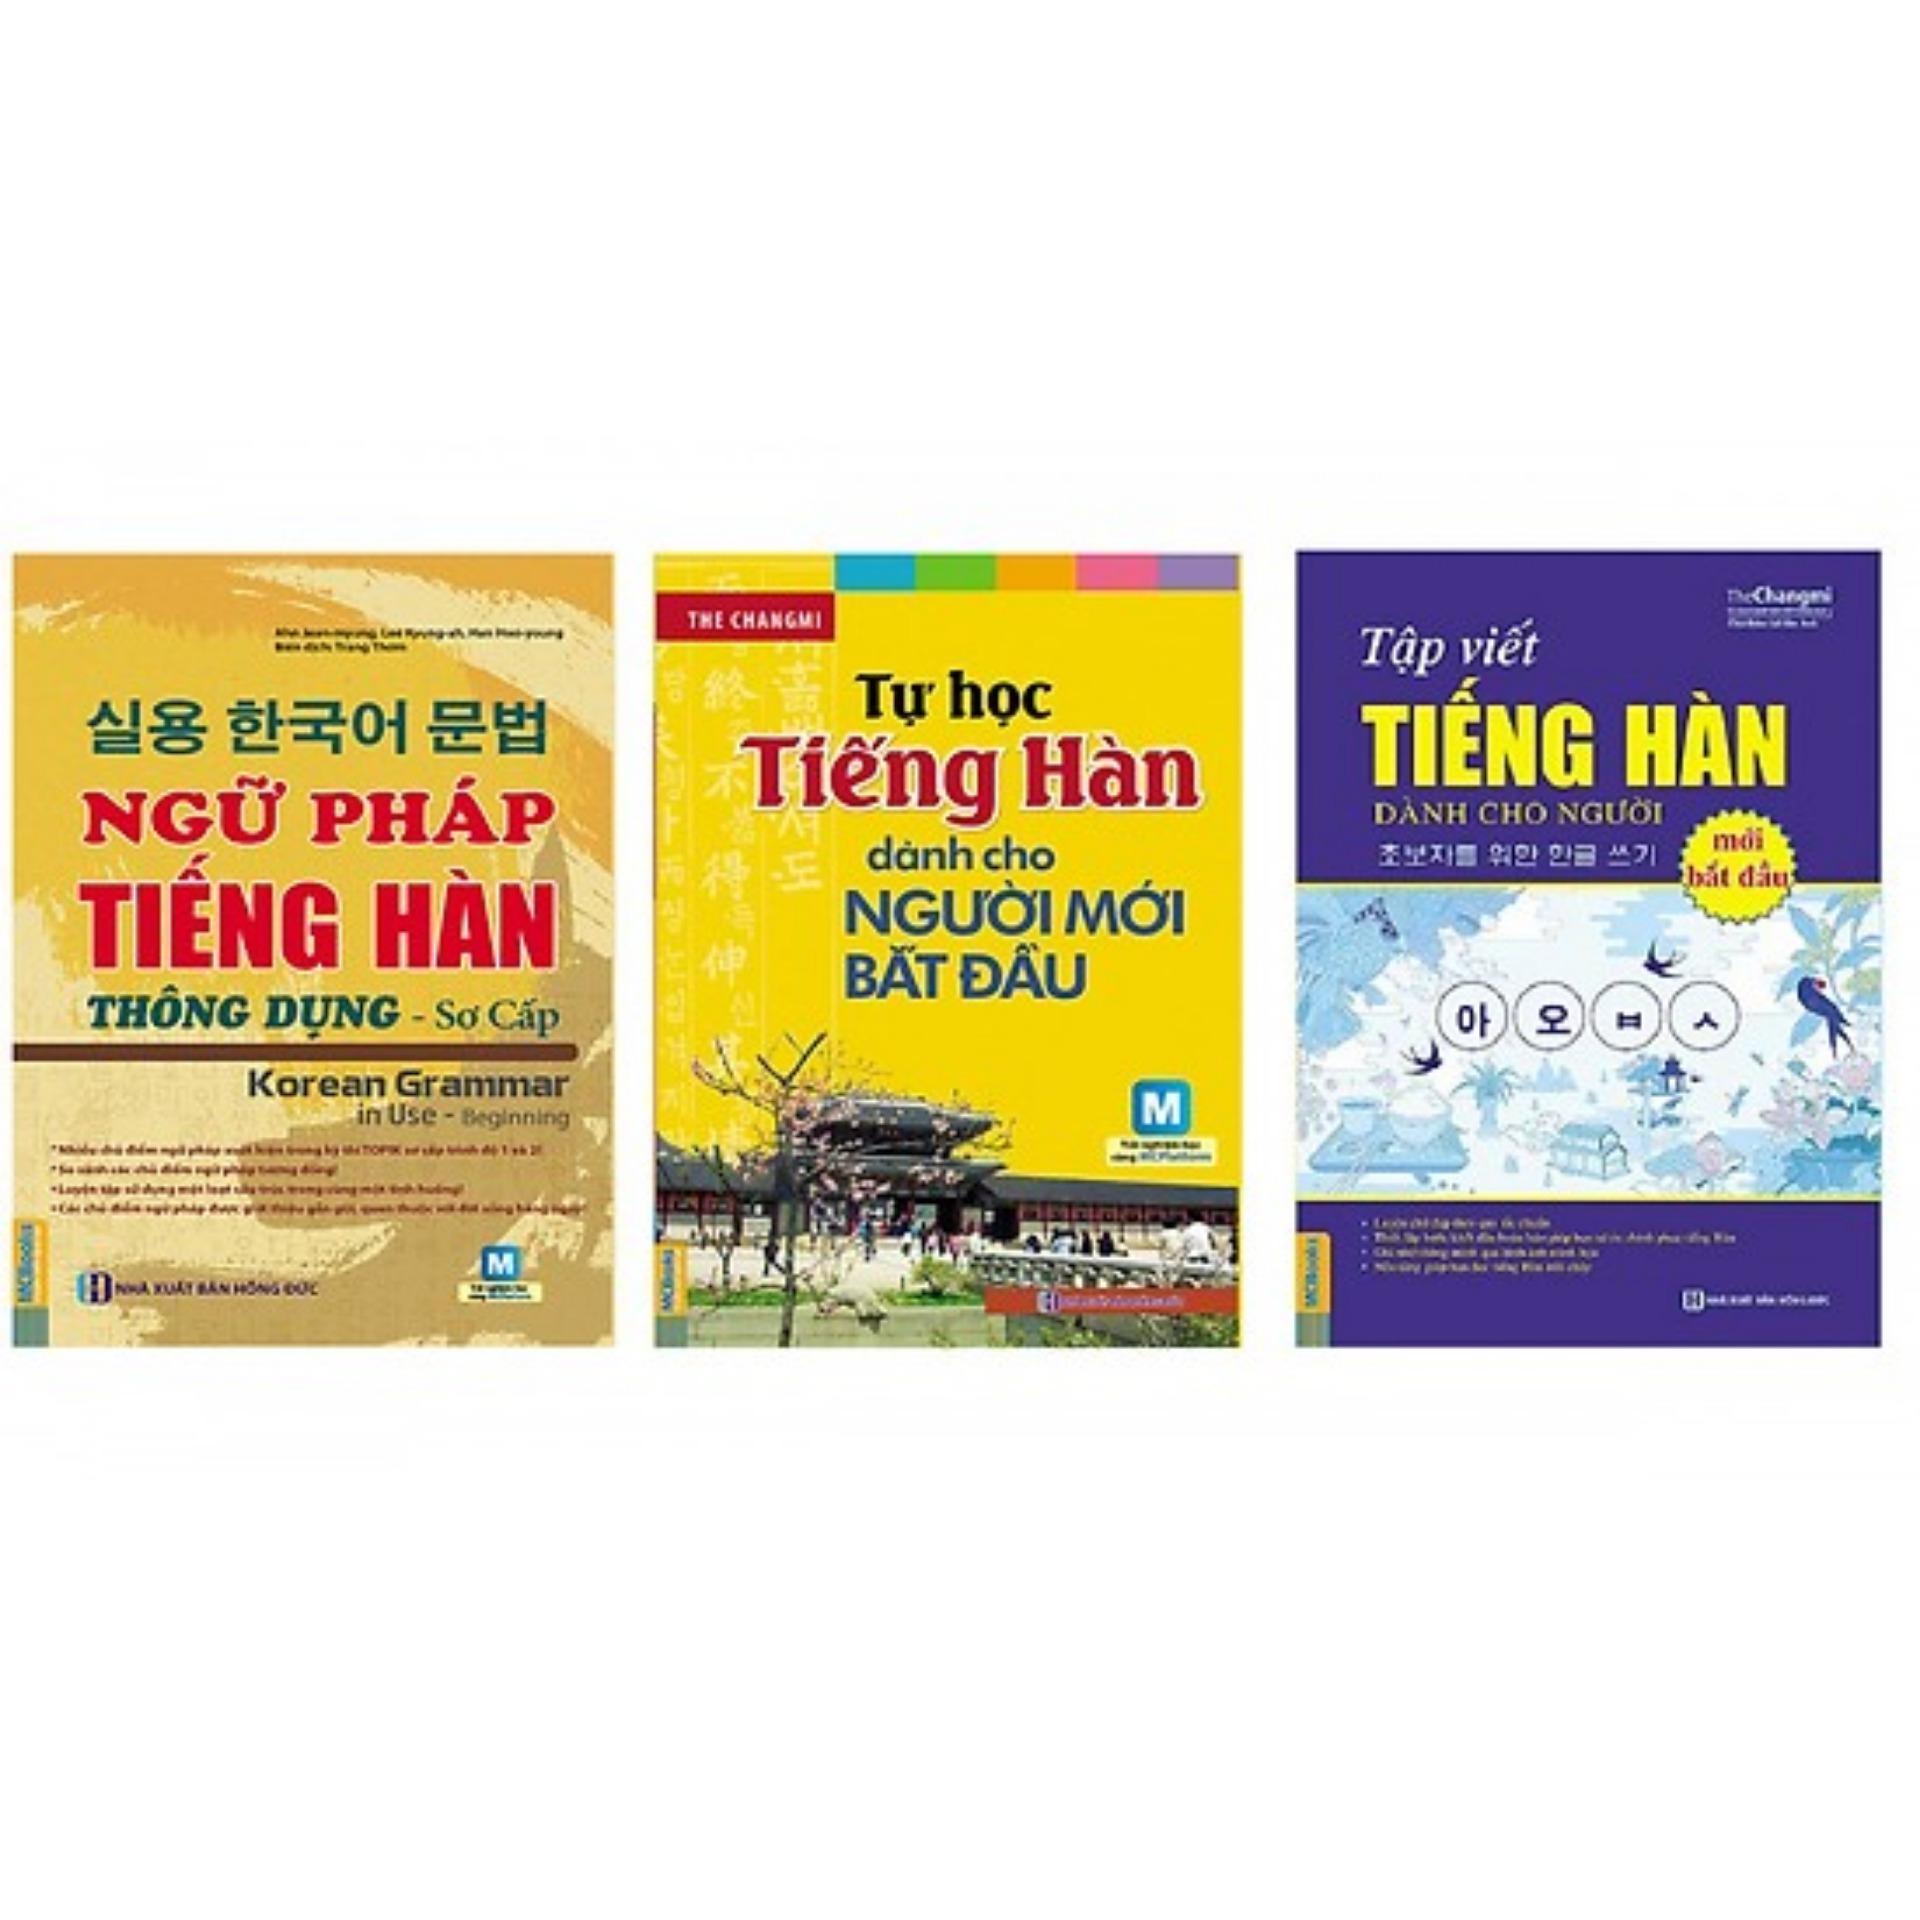 Mua Combo tự học tiếng hàn cho người mới học gồm ngữ pháp tiếng hàn thông dụng sơ cấp, tự học tiếng hàn cho người mới bắt đầu, tập viết tiếng hàn cho người mới bắt đầu